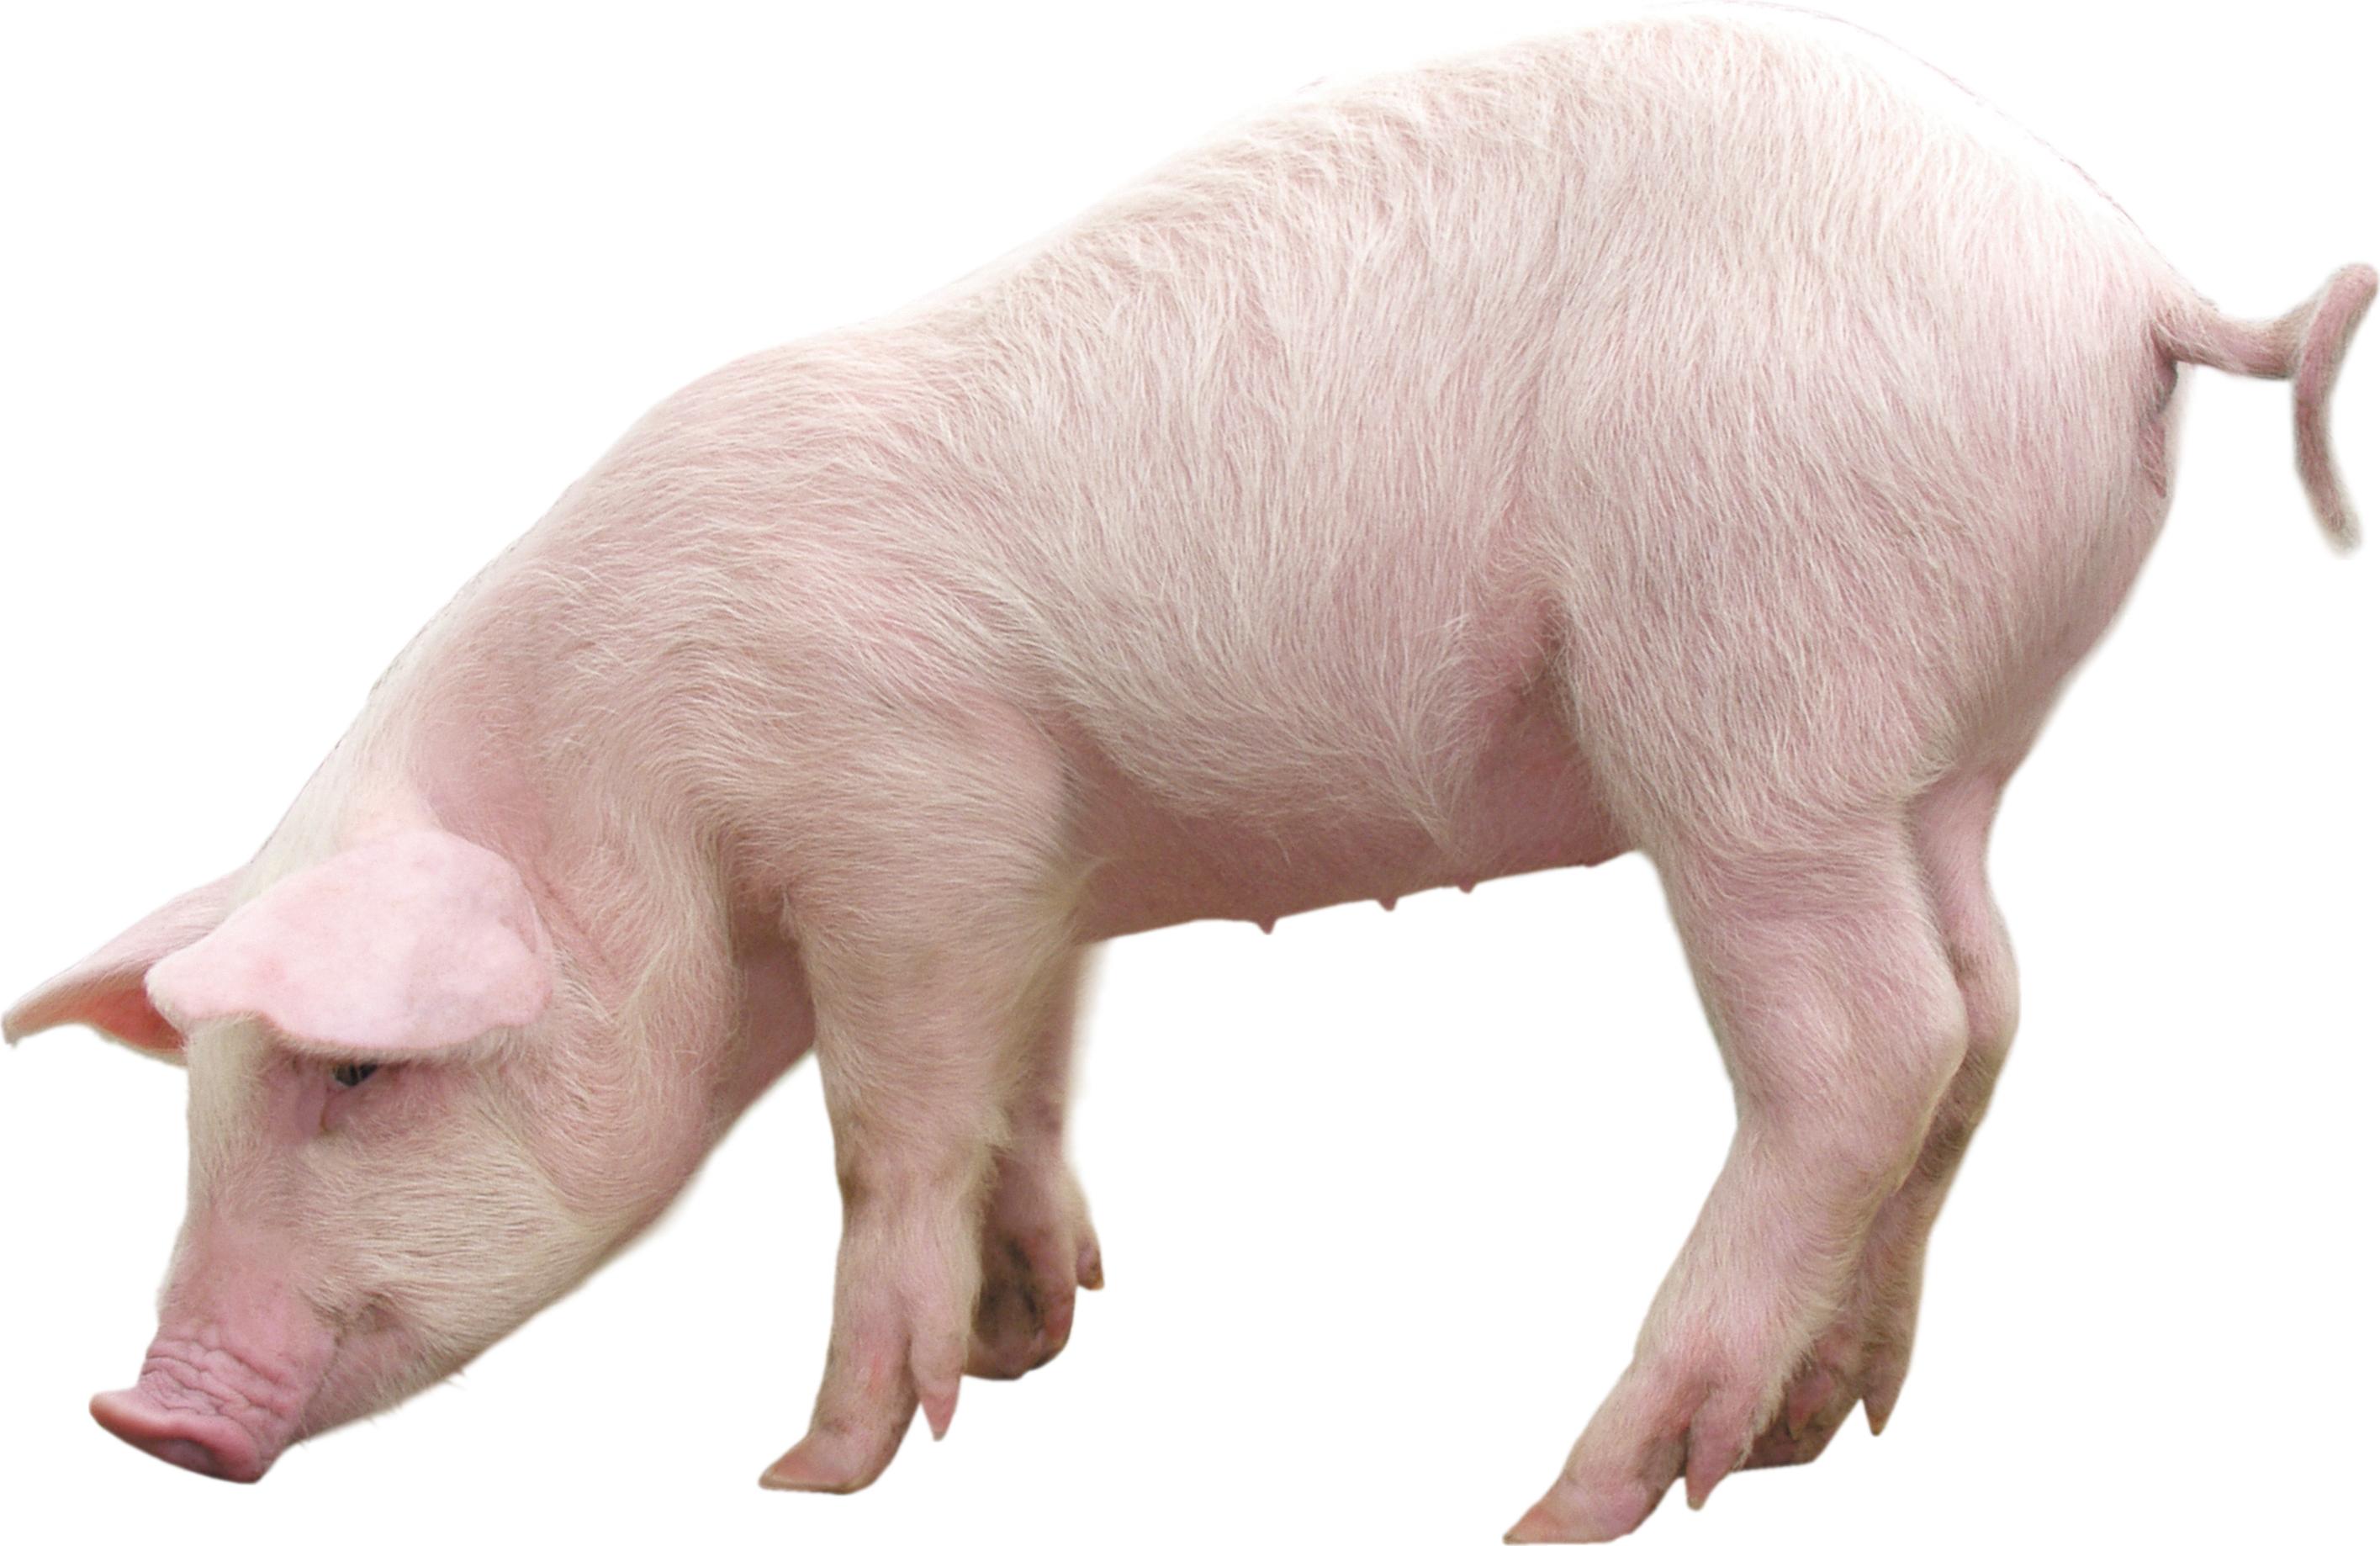 Cute Pig PNG HD - 122430